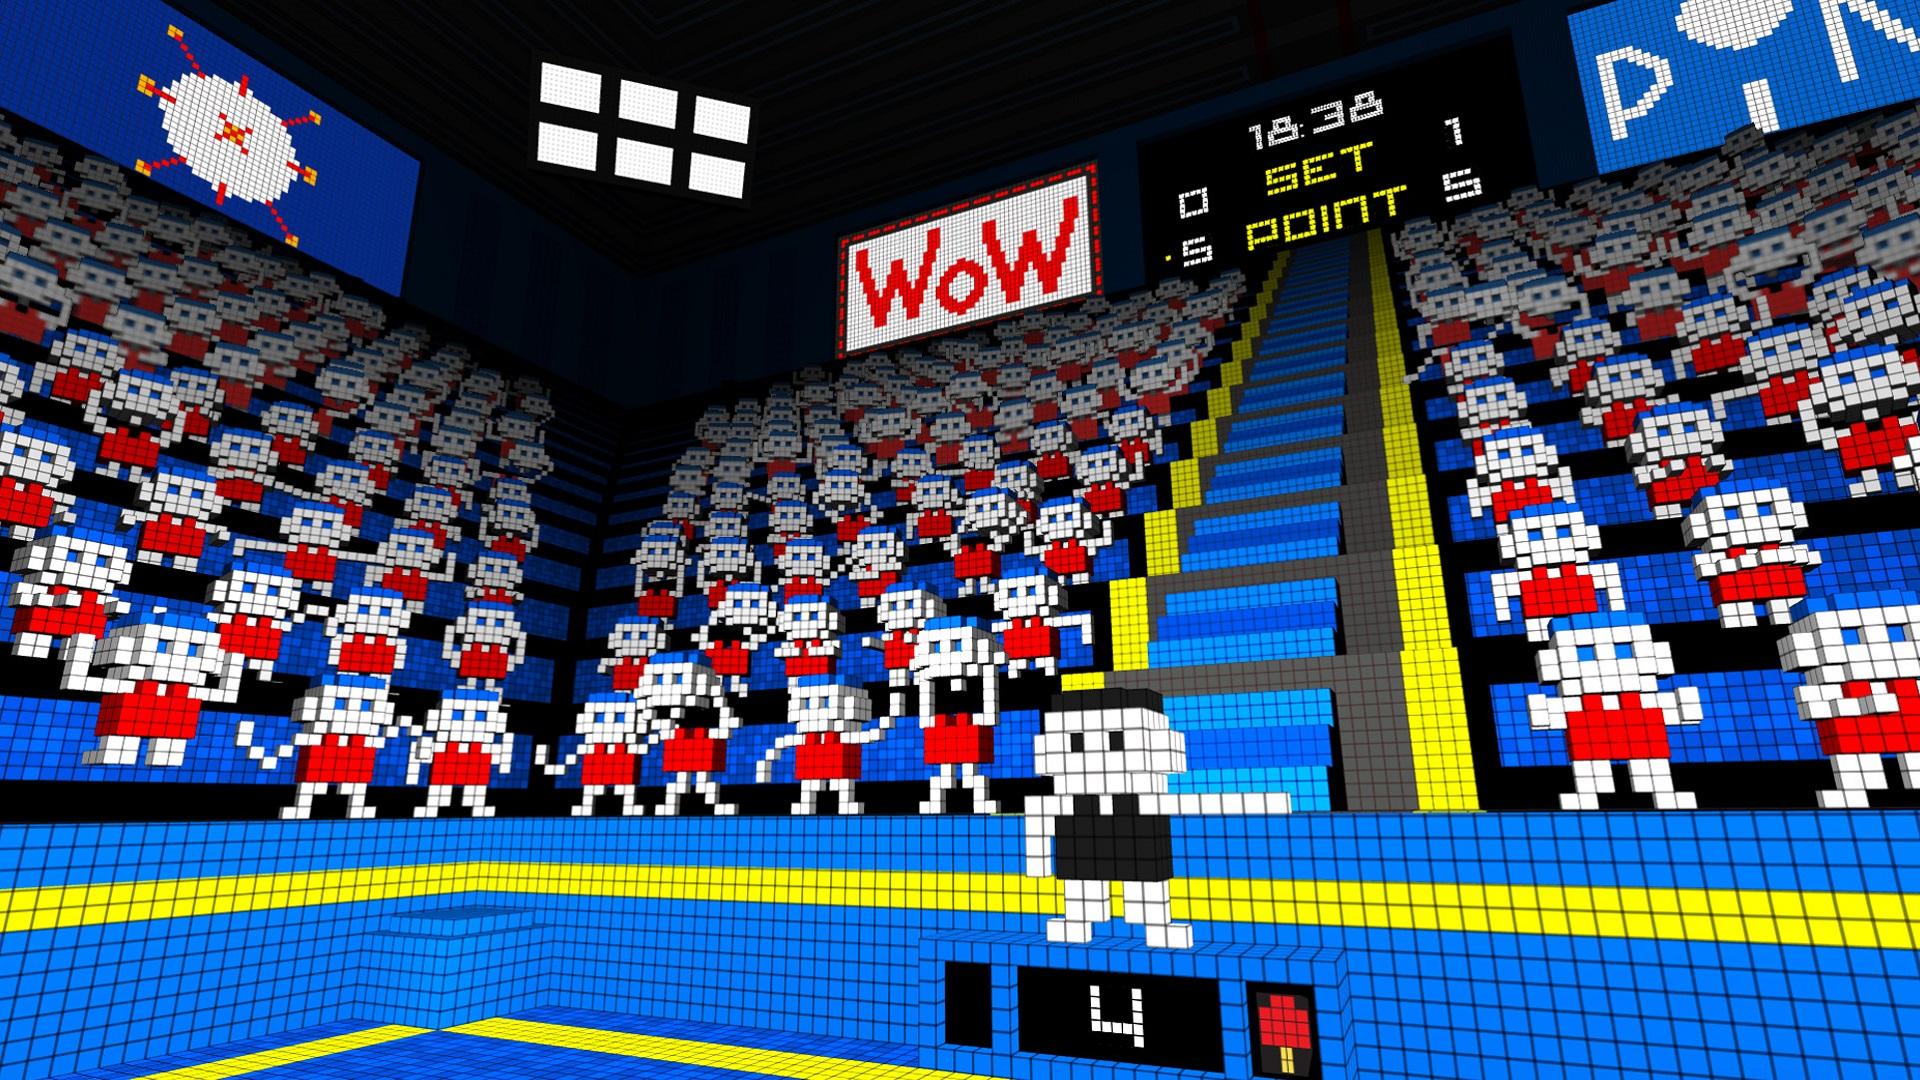 VR ping pong htc vive screenshot